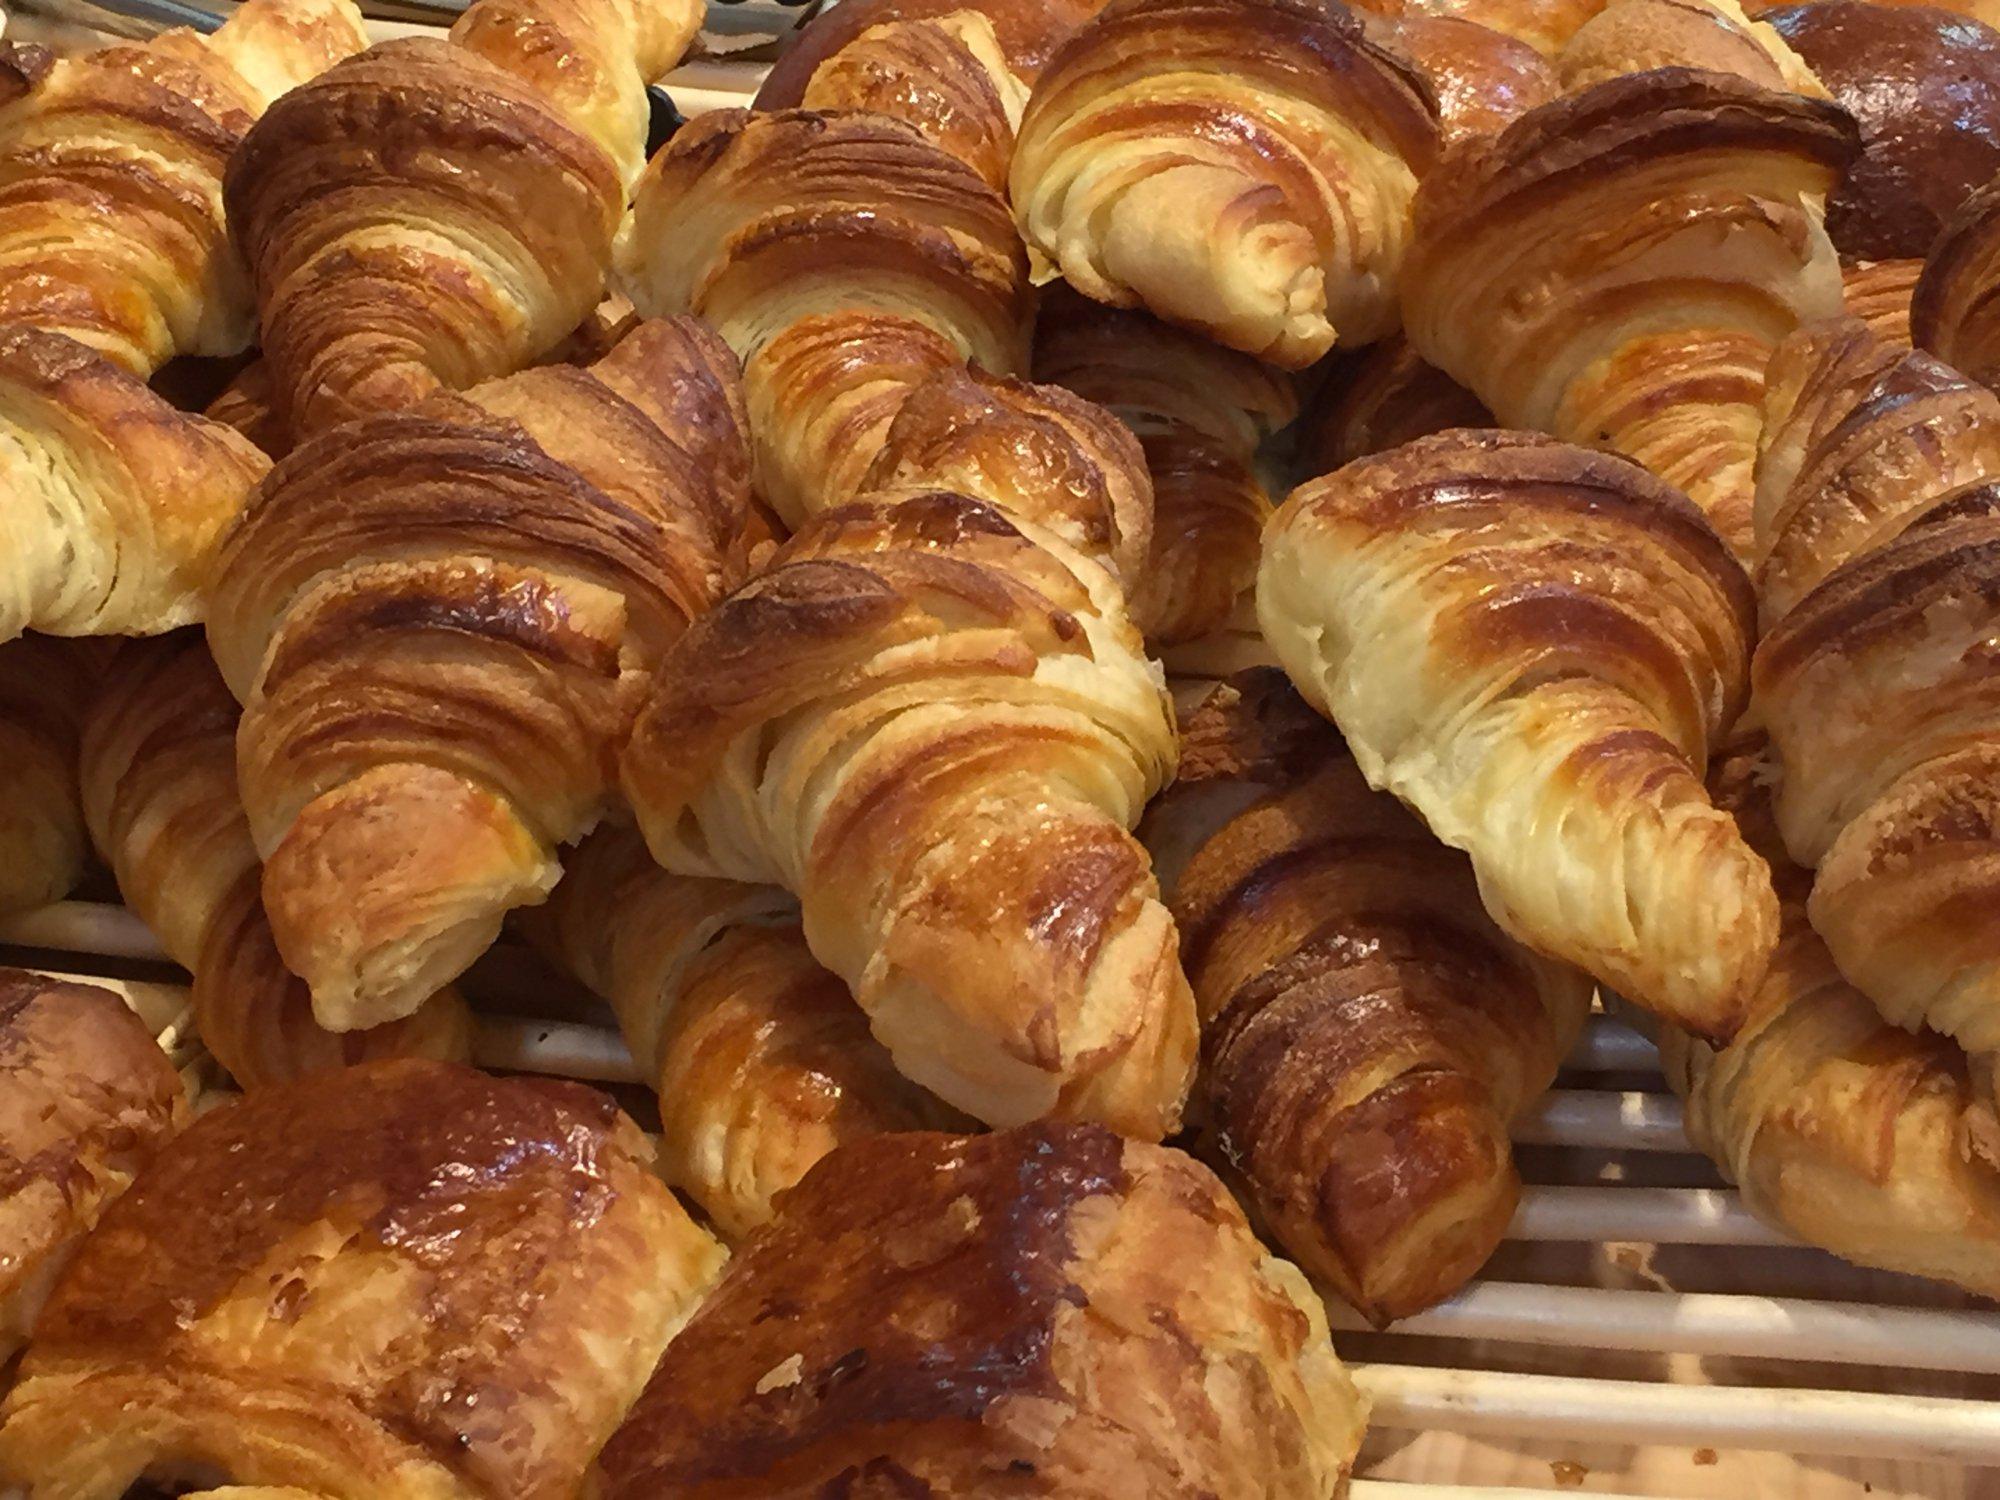 Image par defaut pour L'Essentiel Boulangerie